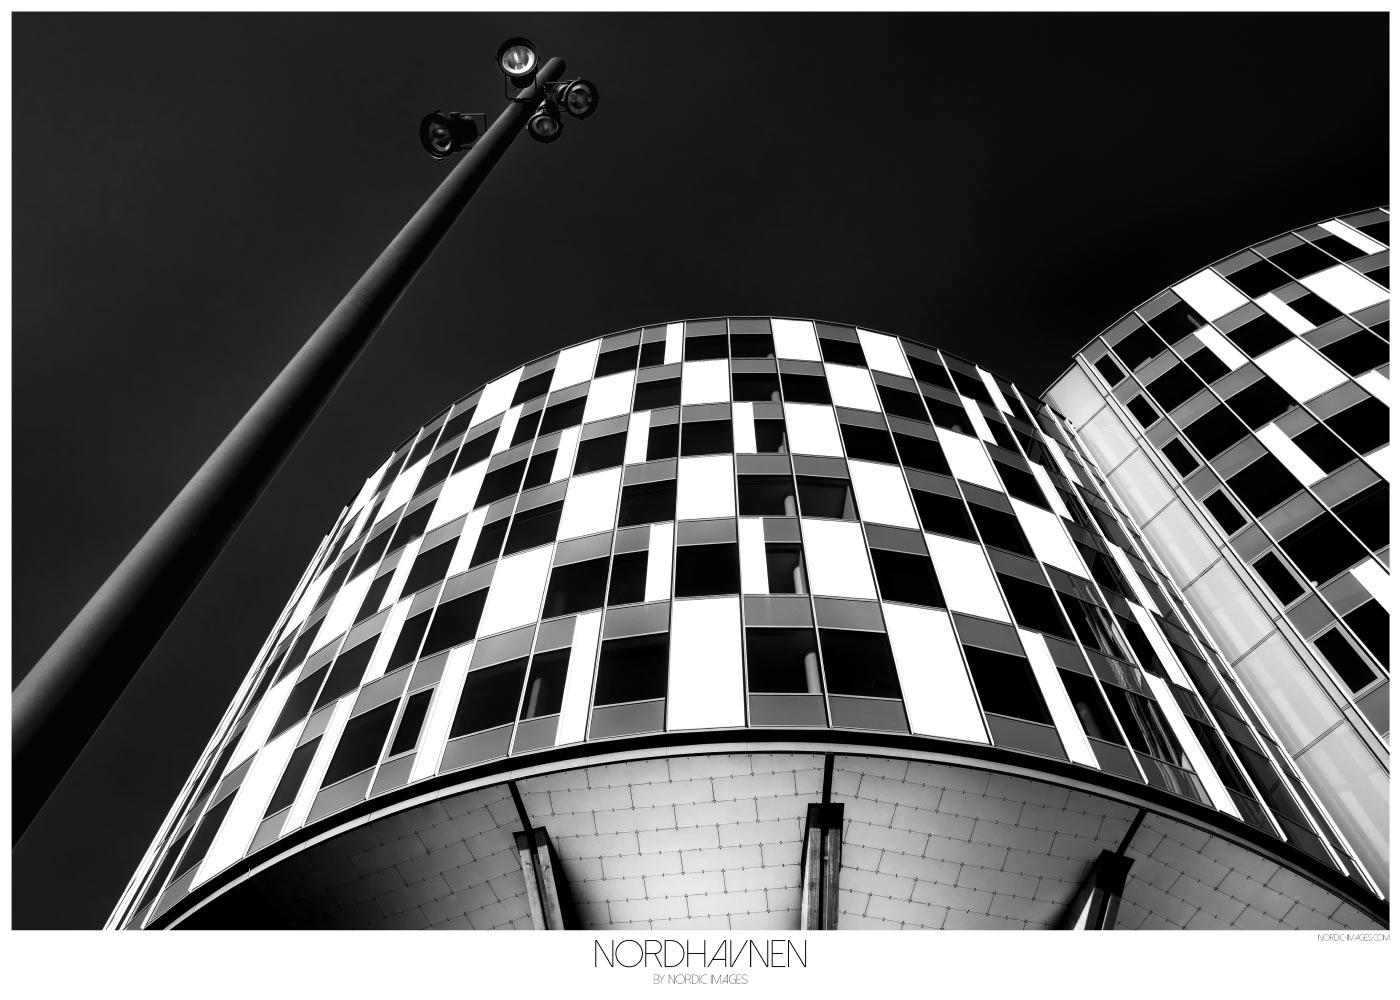 Nordhavn - Brian Lichtenstein plakat